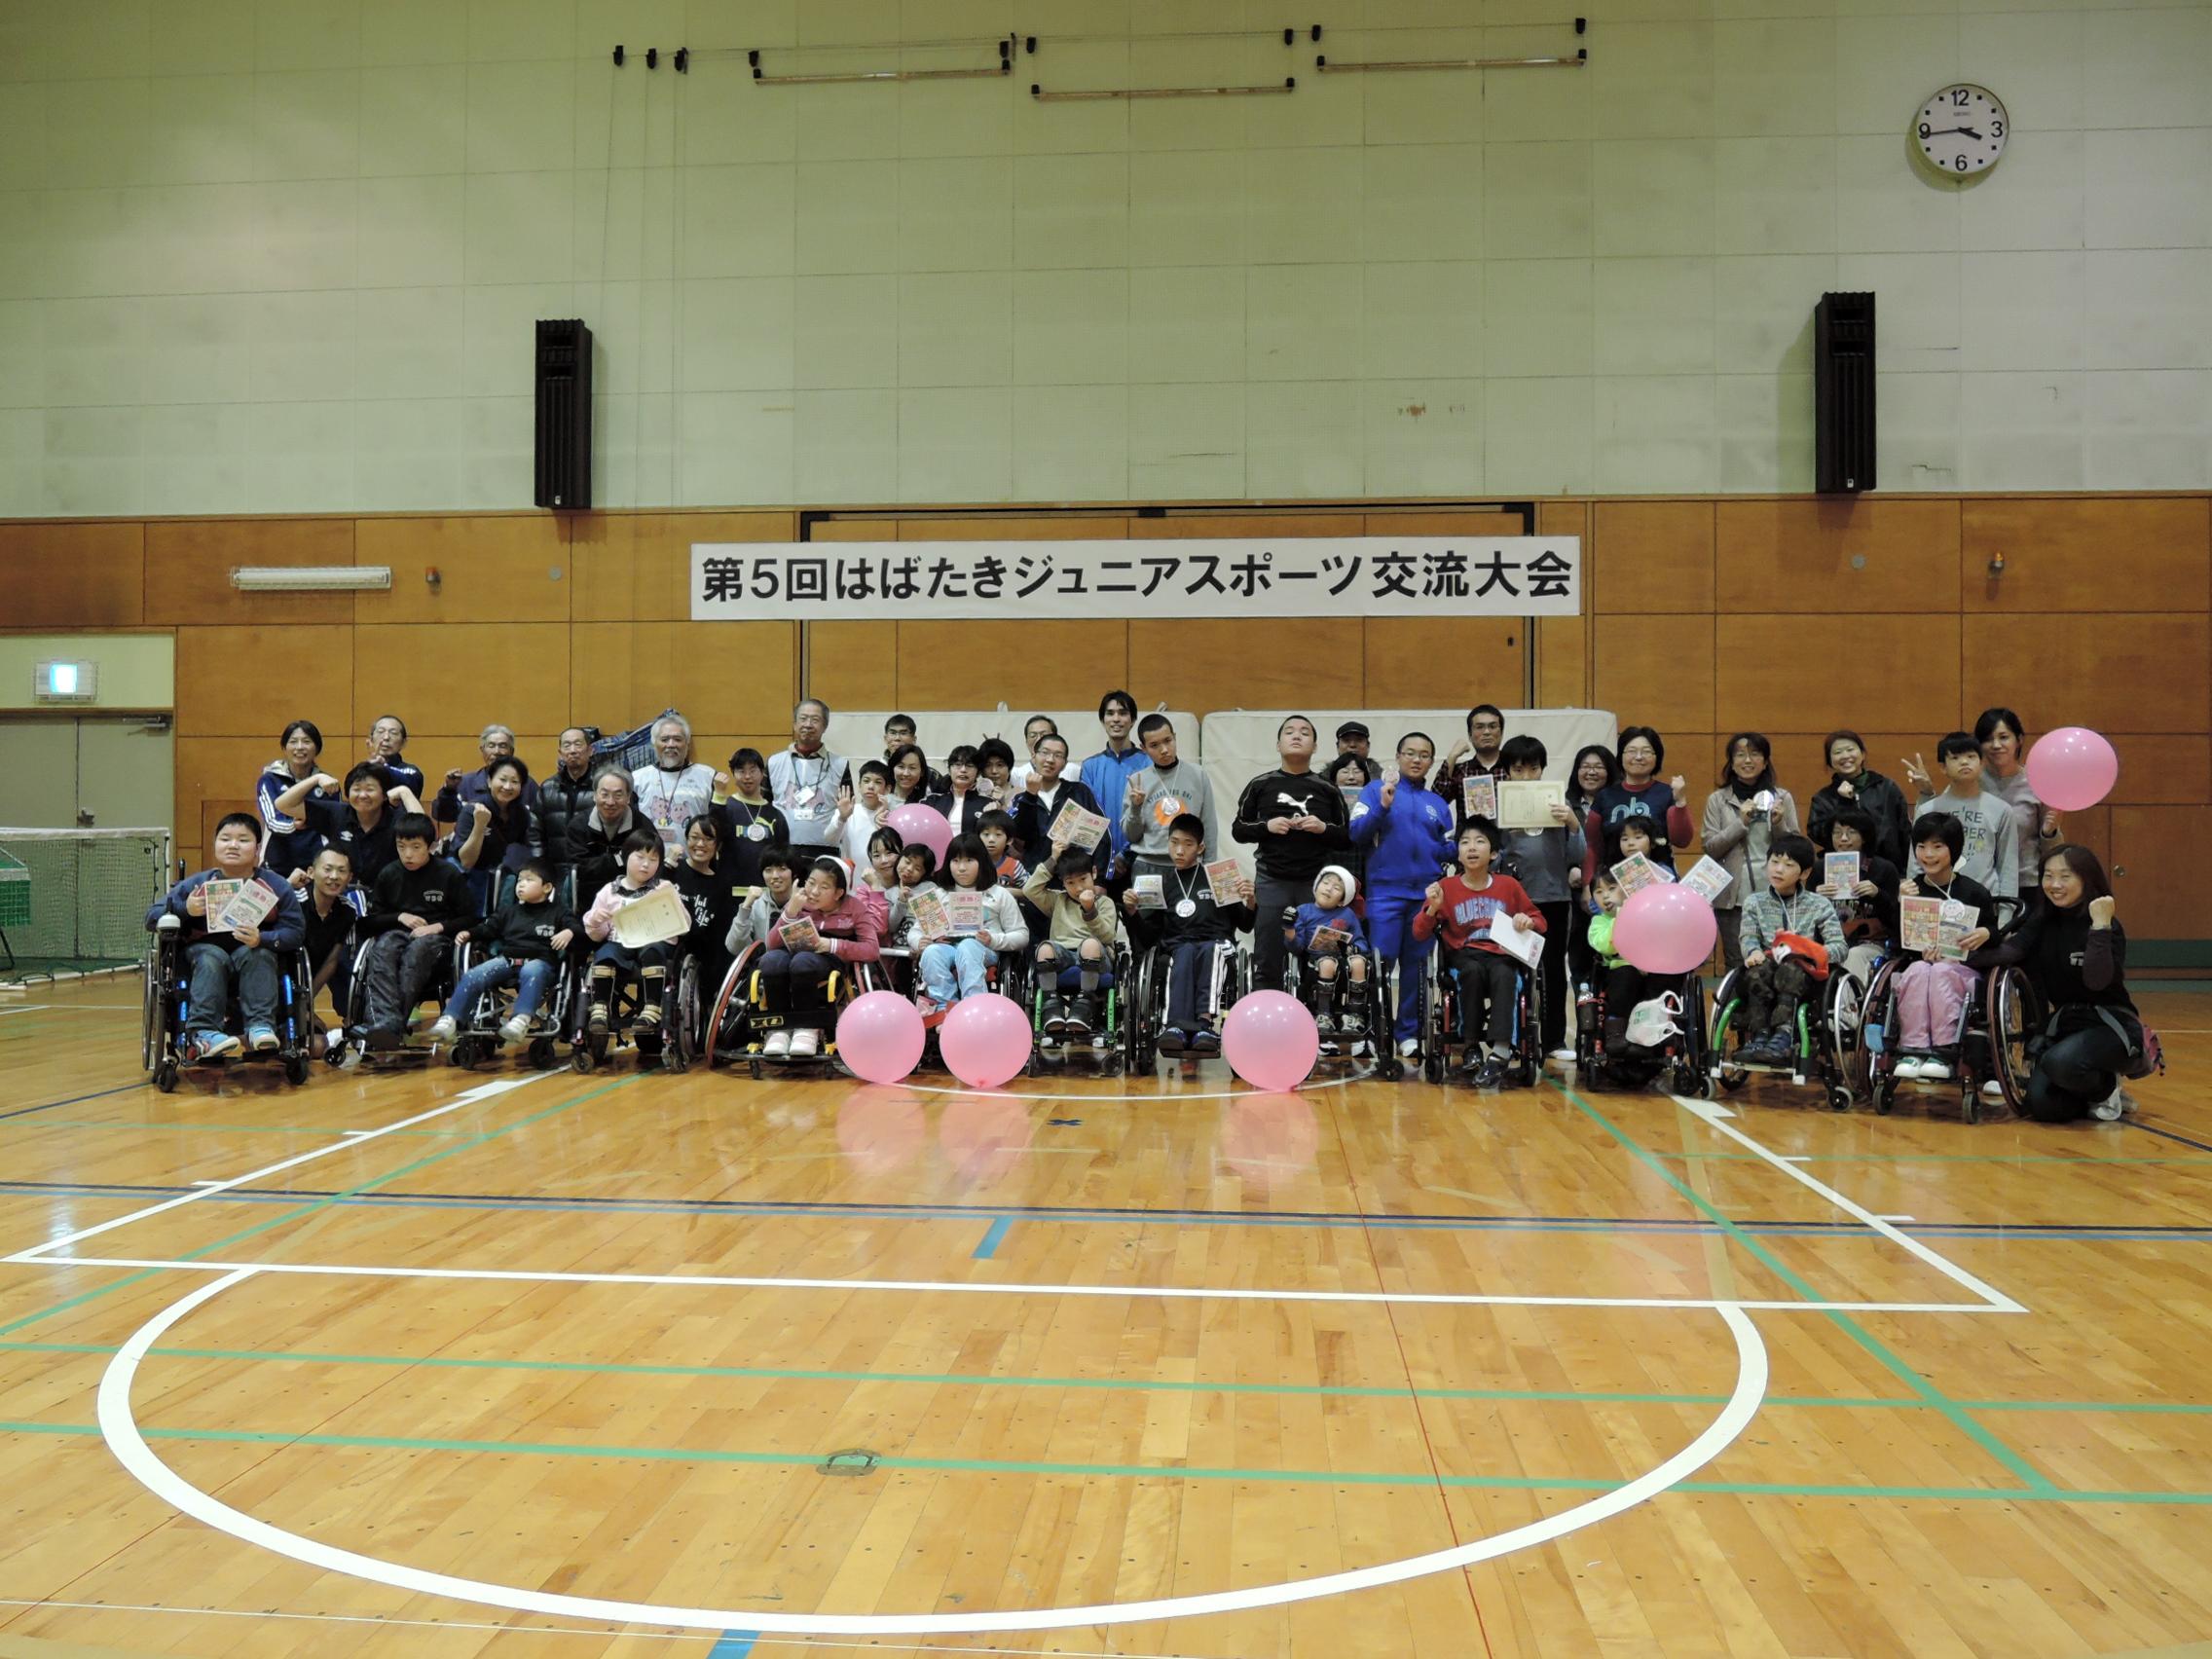 habajyuni2 - 第5回はばたきジュニアスポーツ交流大会